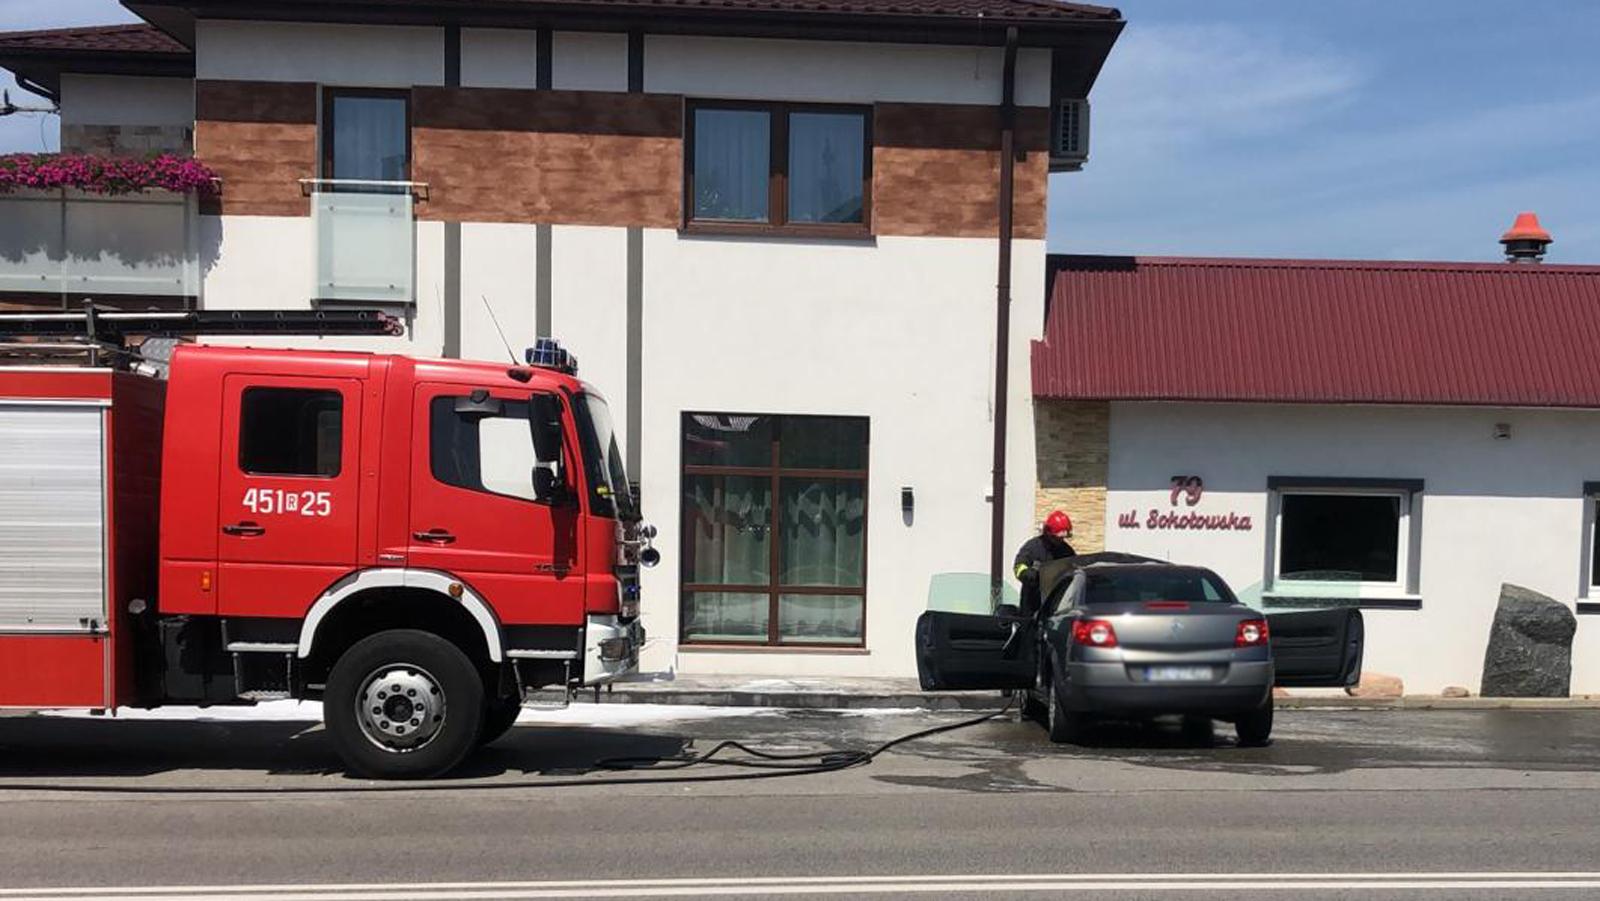 Pożar samochodu na jednej z ulic w Kolbuszowej [ZDJĘCIA] - Zdjęcie główne